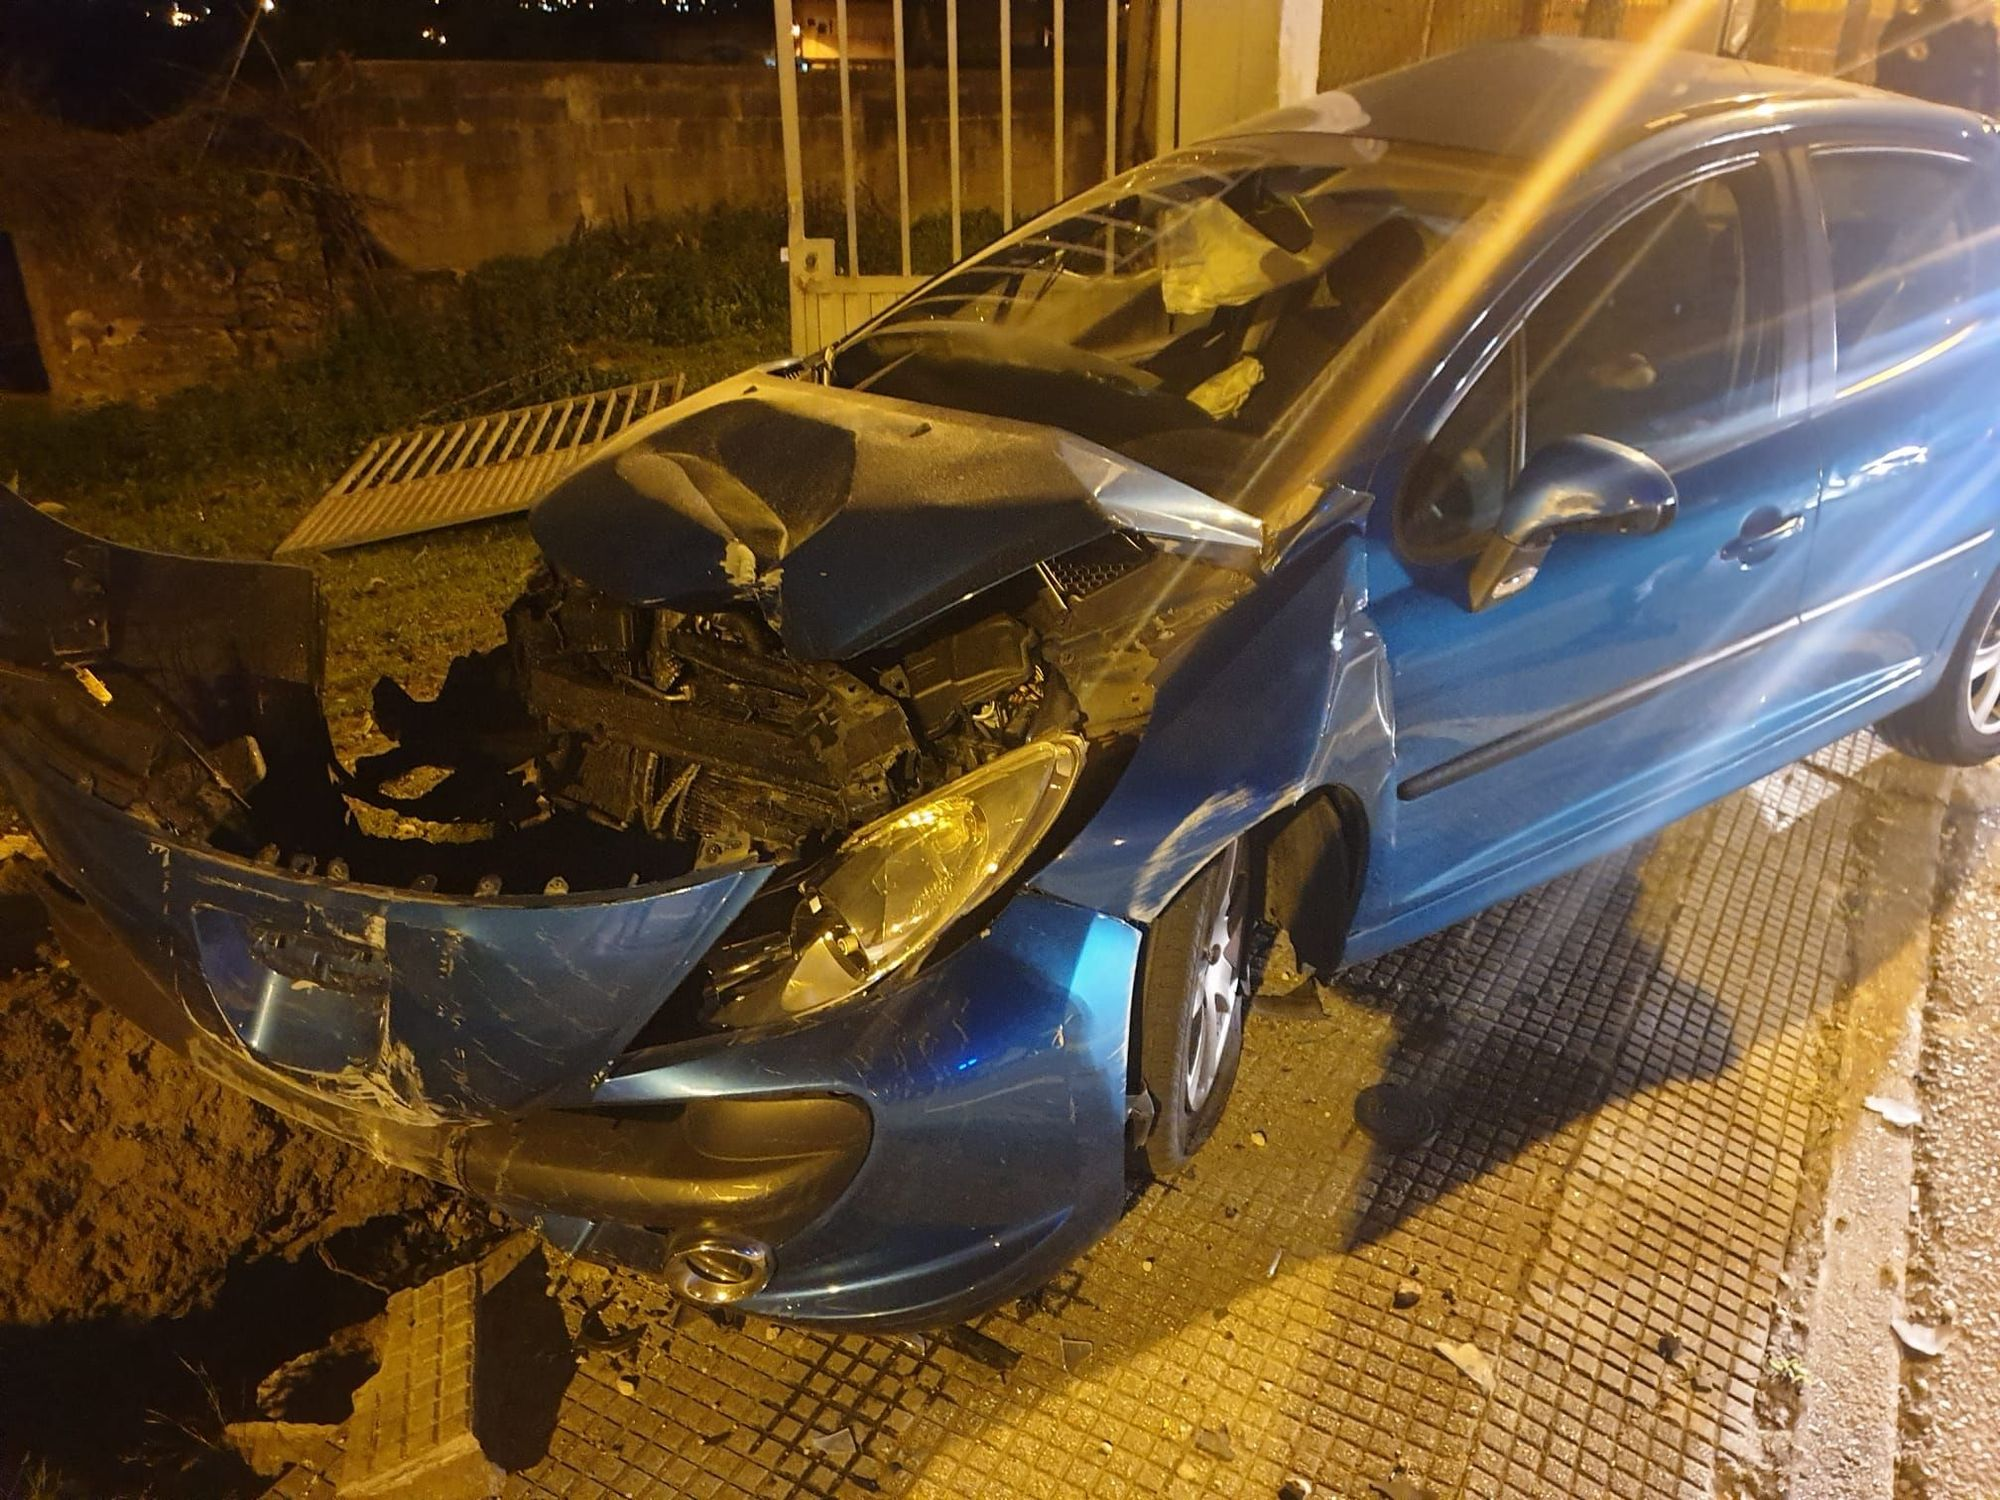 Accidentes de tráfico en Vigo | Destroza su coche contra un muro uno de los implicados en el siniestro mortal de un matrimonio en Vigo